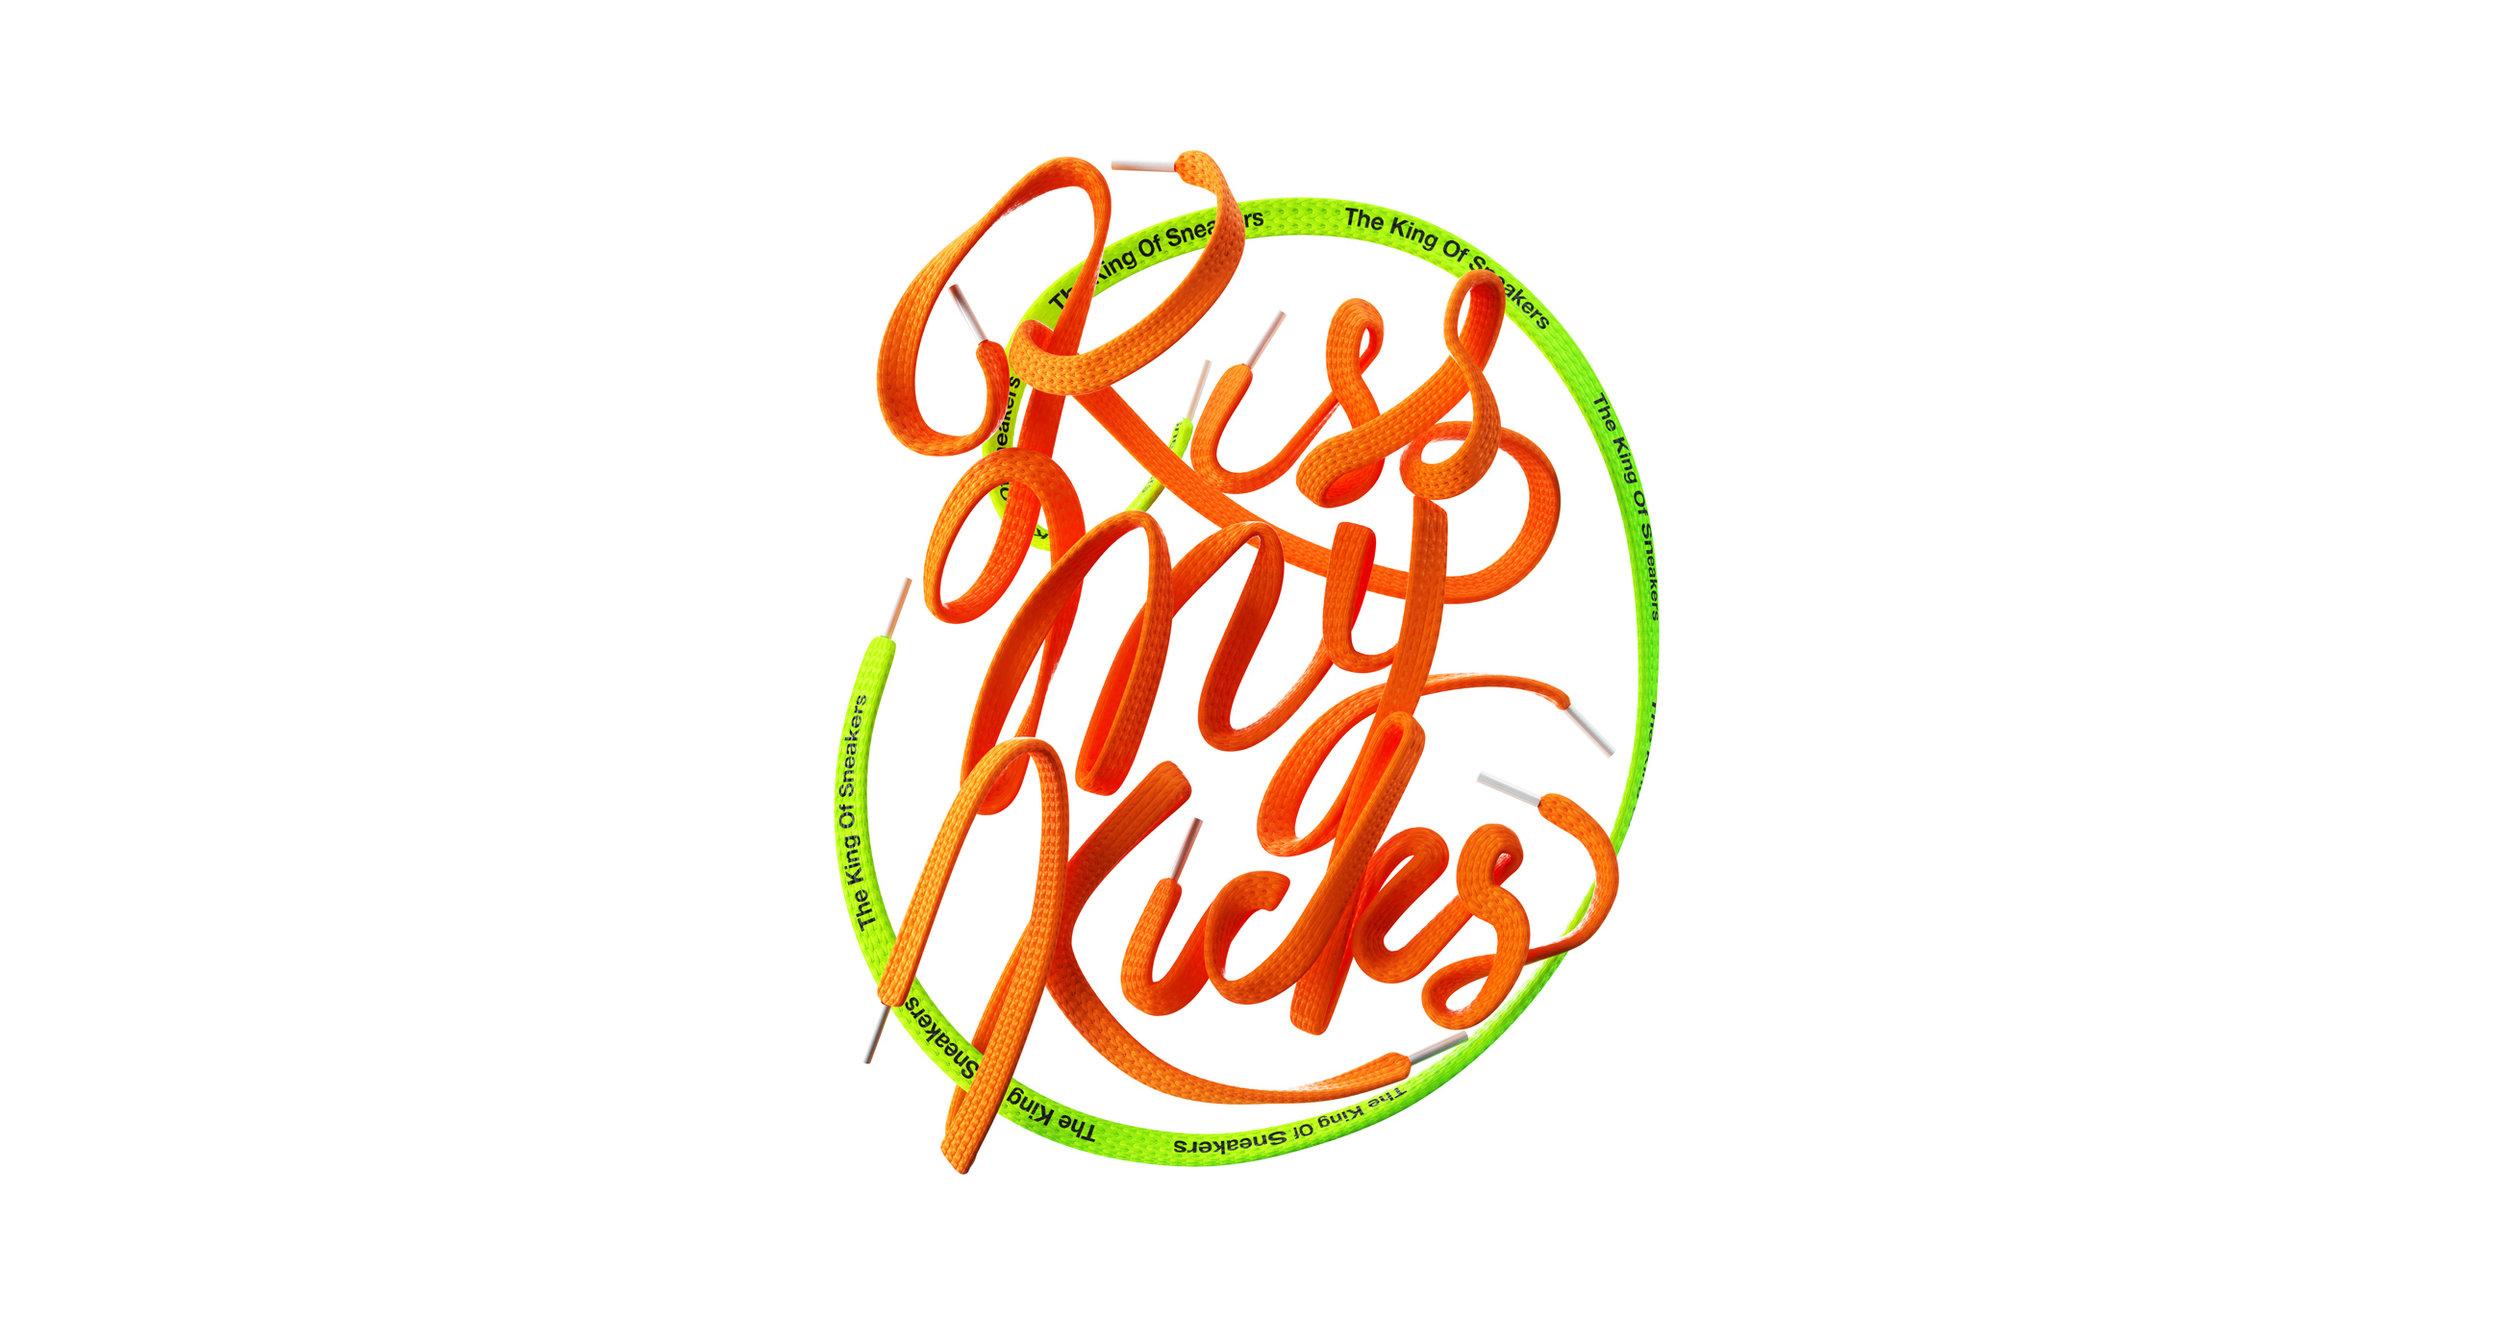 KissMyKicks-3DTypography_ShoeLace_OrangeGreen_BenFearnley-Wide.jpg